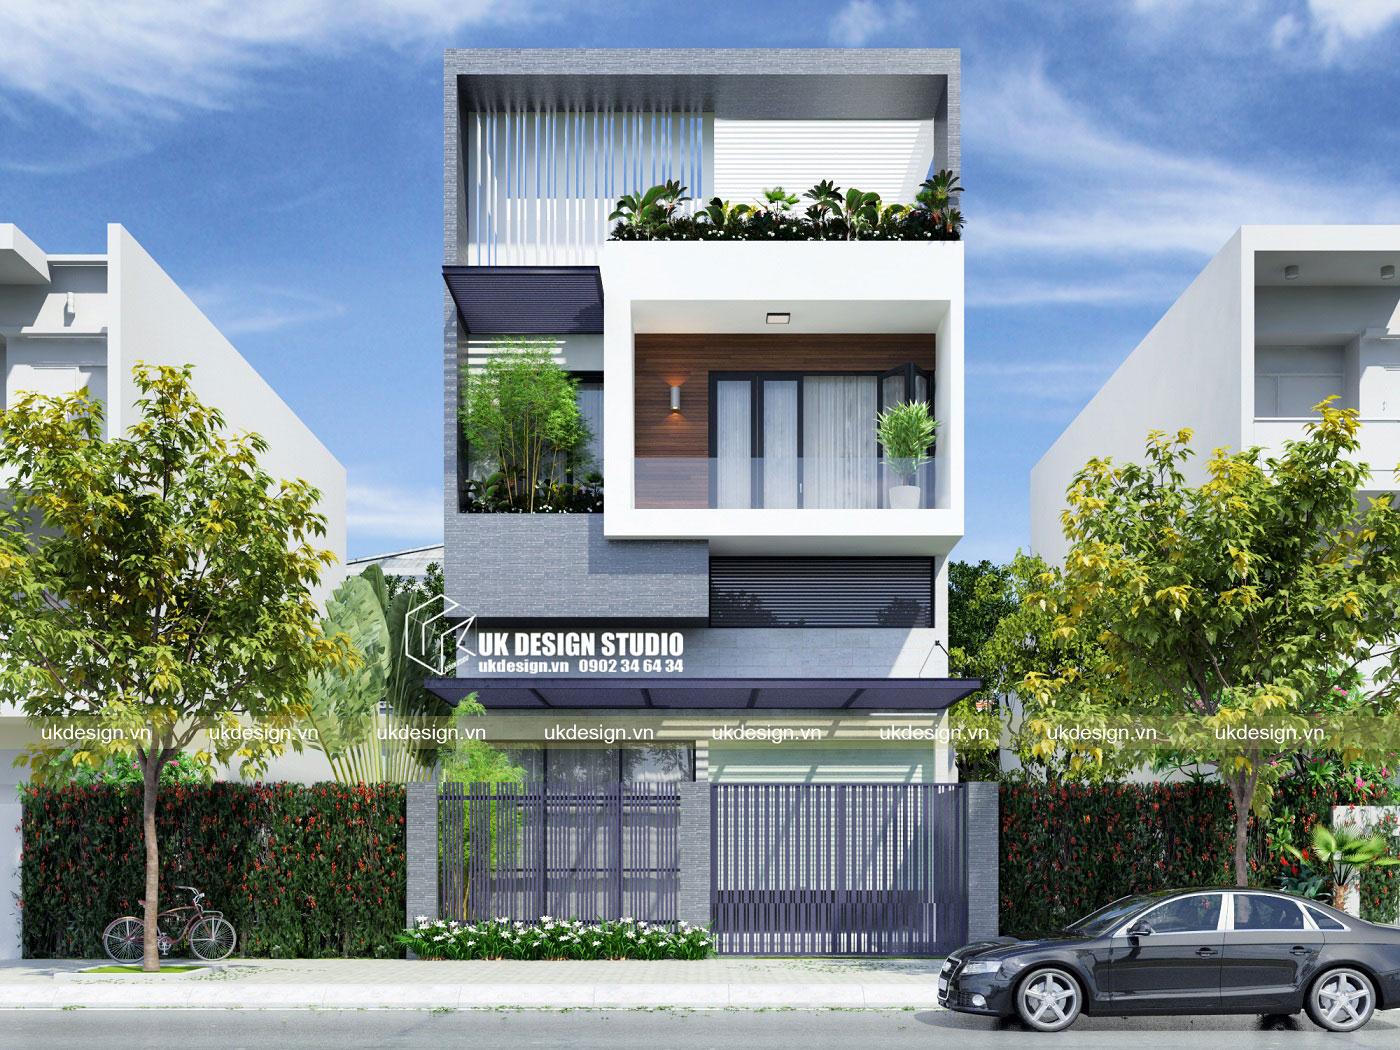 Thiết kế nhà phố hiện đại 3 tầng mặt tiền 8m b